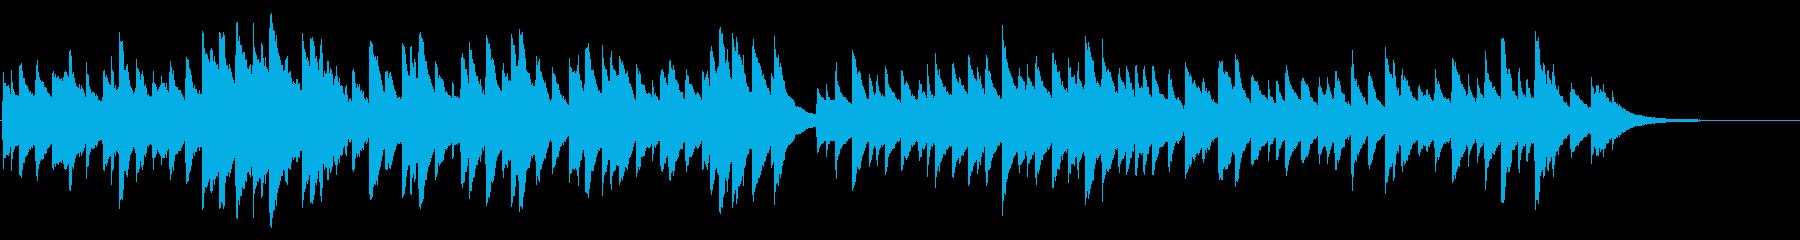 ブラームスの子守唄 72弁オルゴールの再生済みの波形